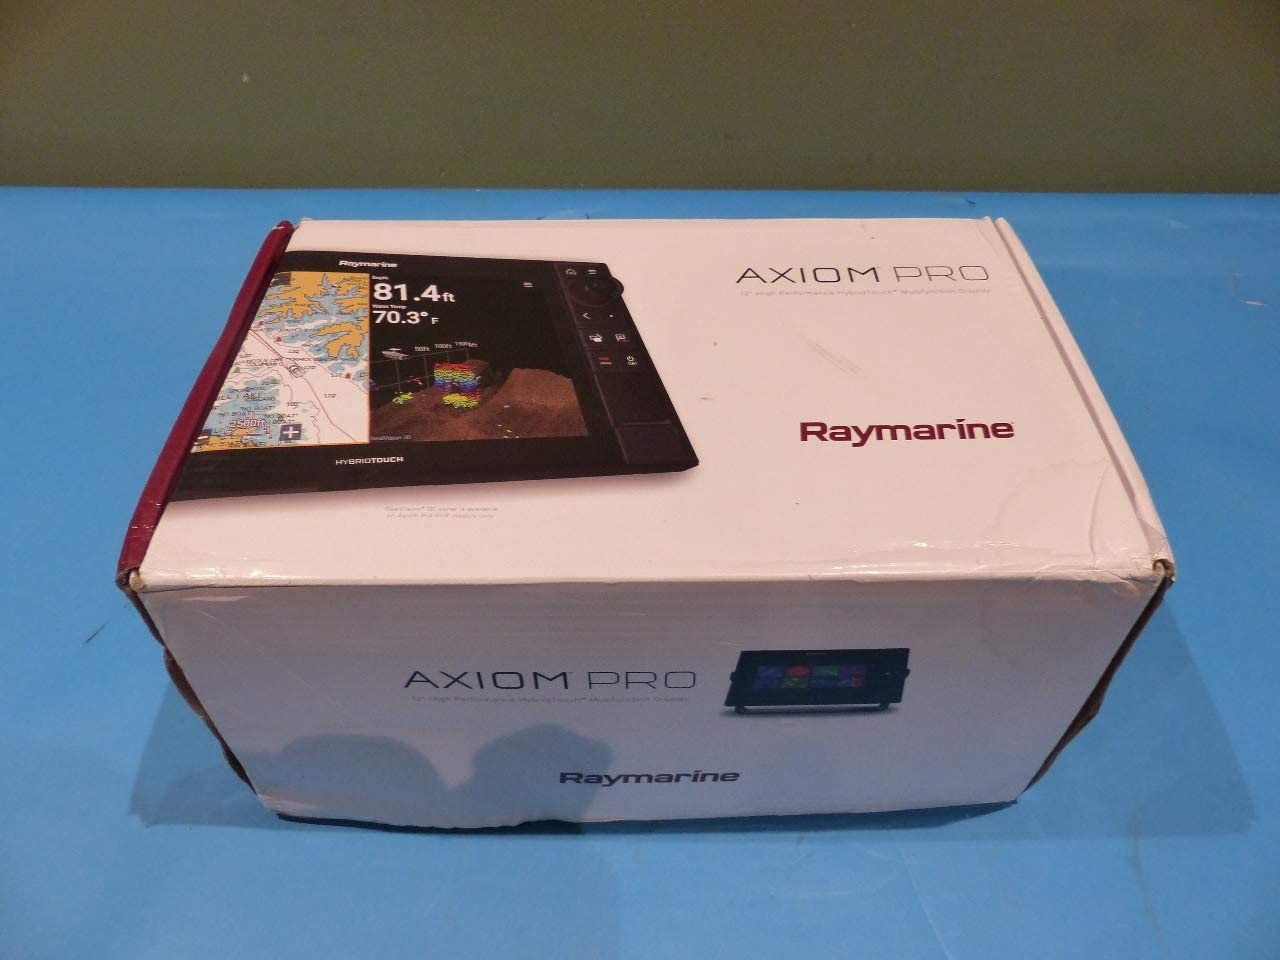 Raymarine Axiom Pro 12 RVX MFD w/RealVision 3D y 1 kW CHIRP Sonar – Navionics+ gráfico: Amazon.es: Electrónica